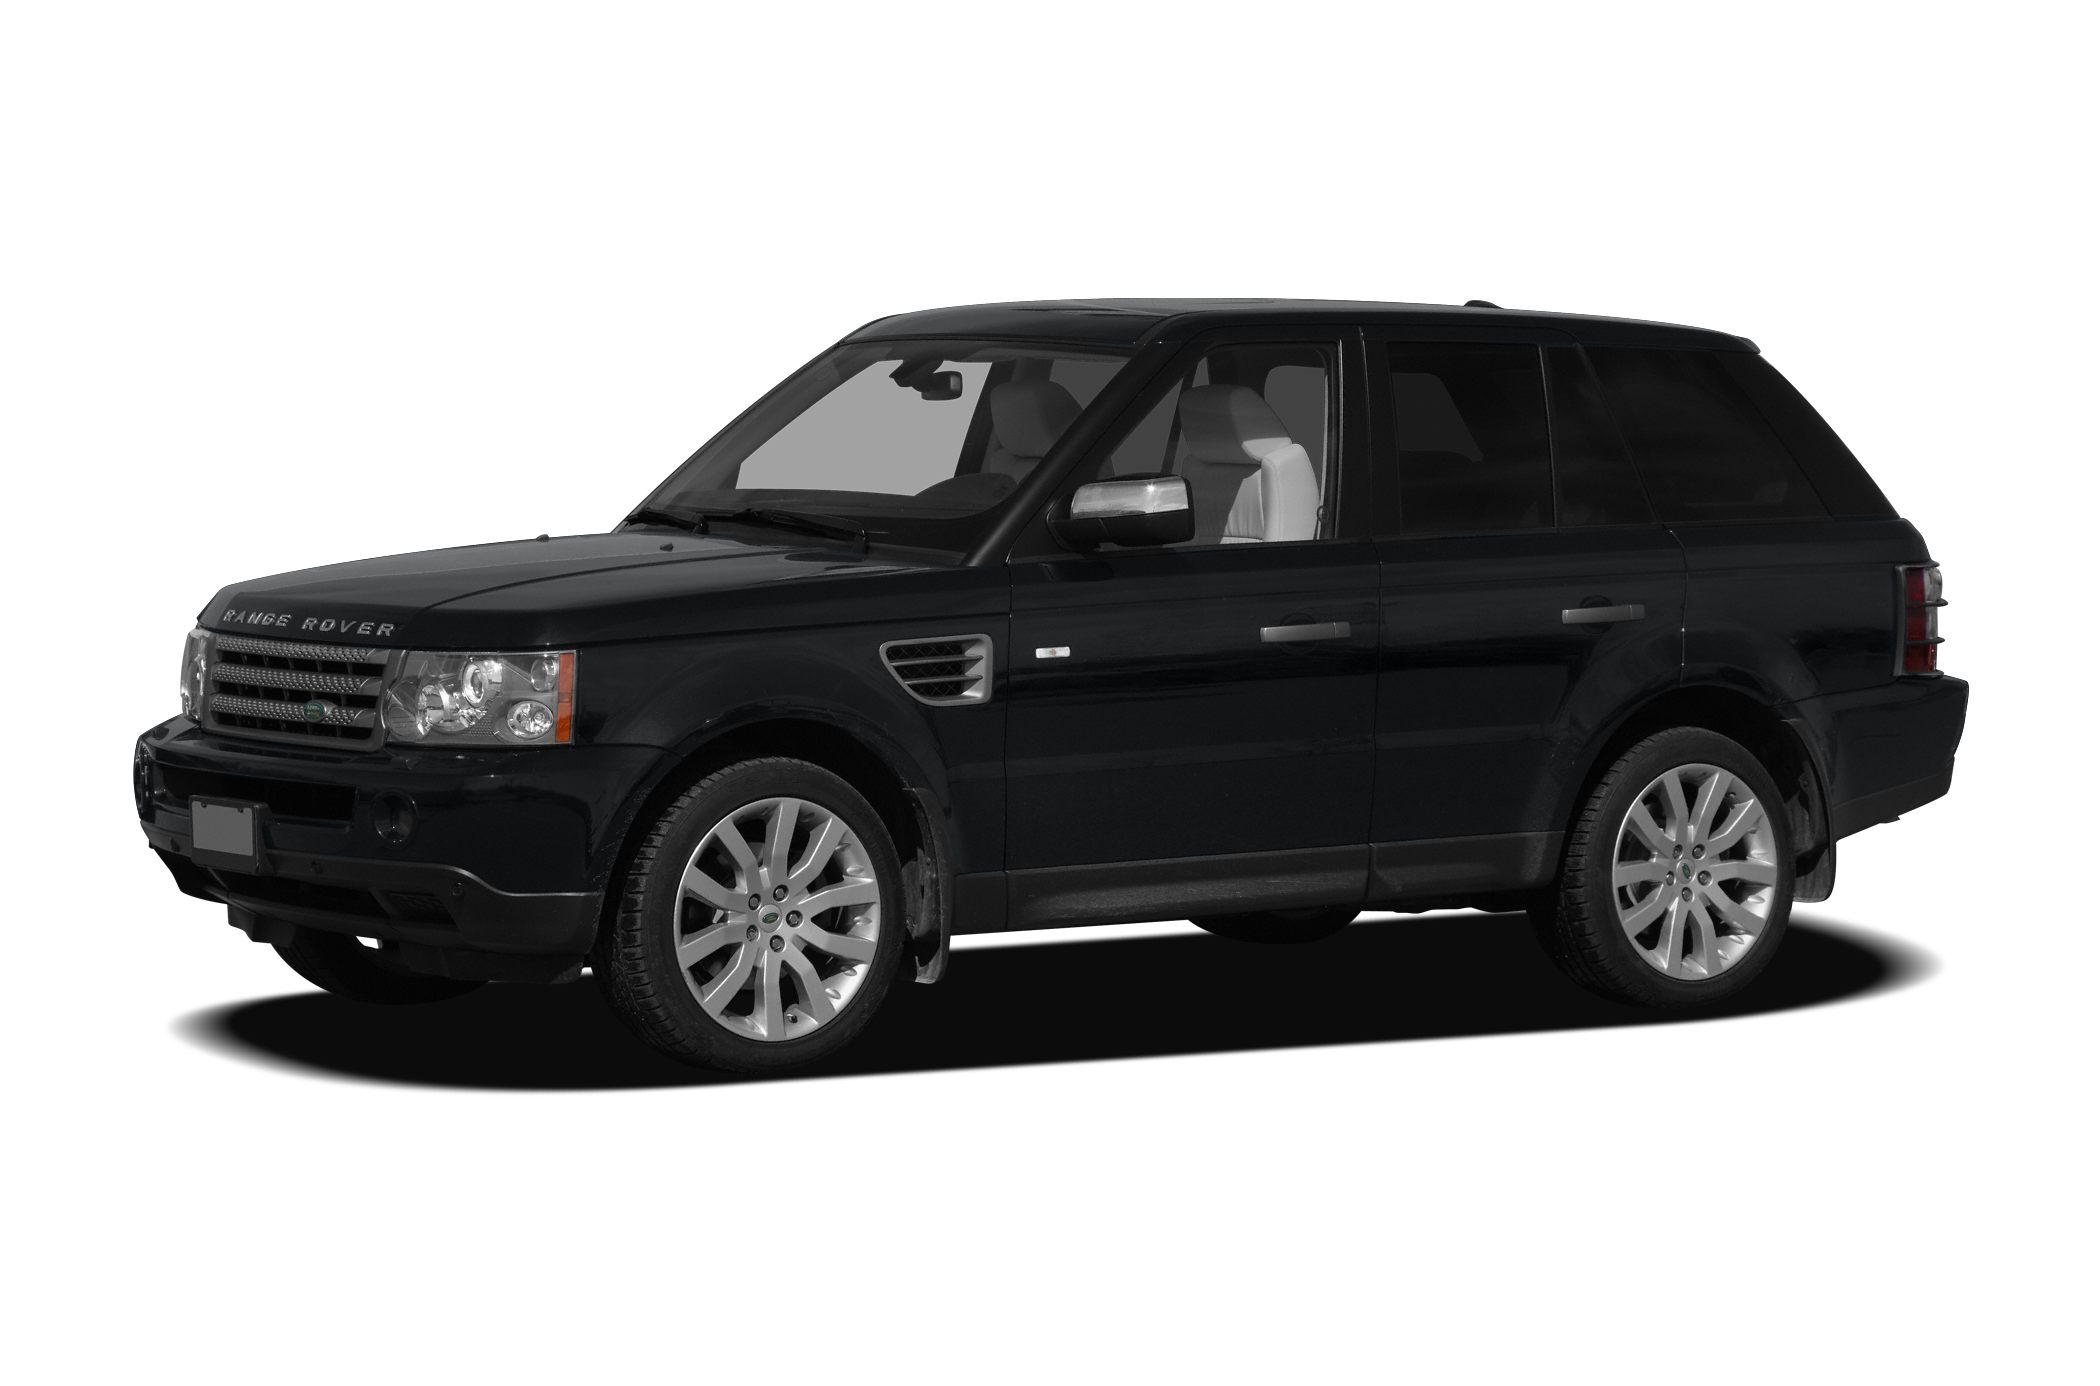 2009 Land Rover Range Rover Sport HSE Miles 123630Color Blue Stock 14-10794 VIN SALSK25429A1